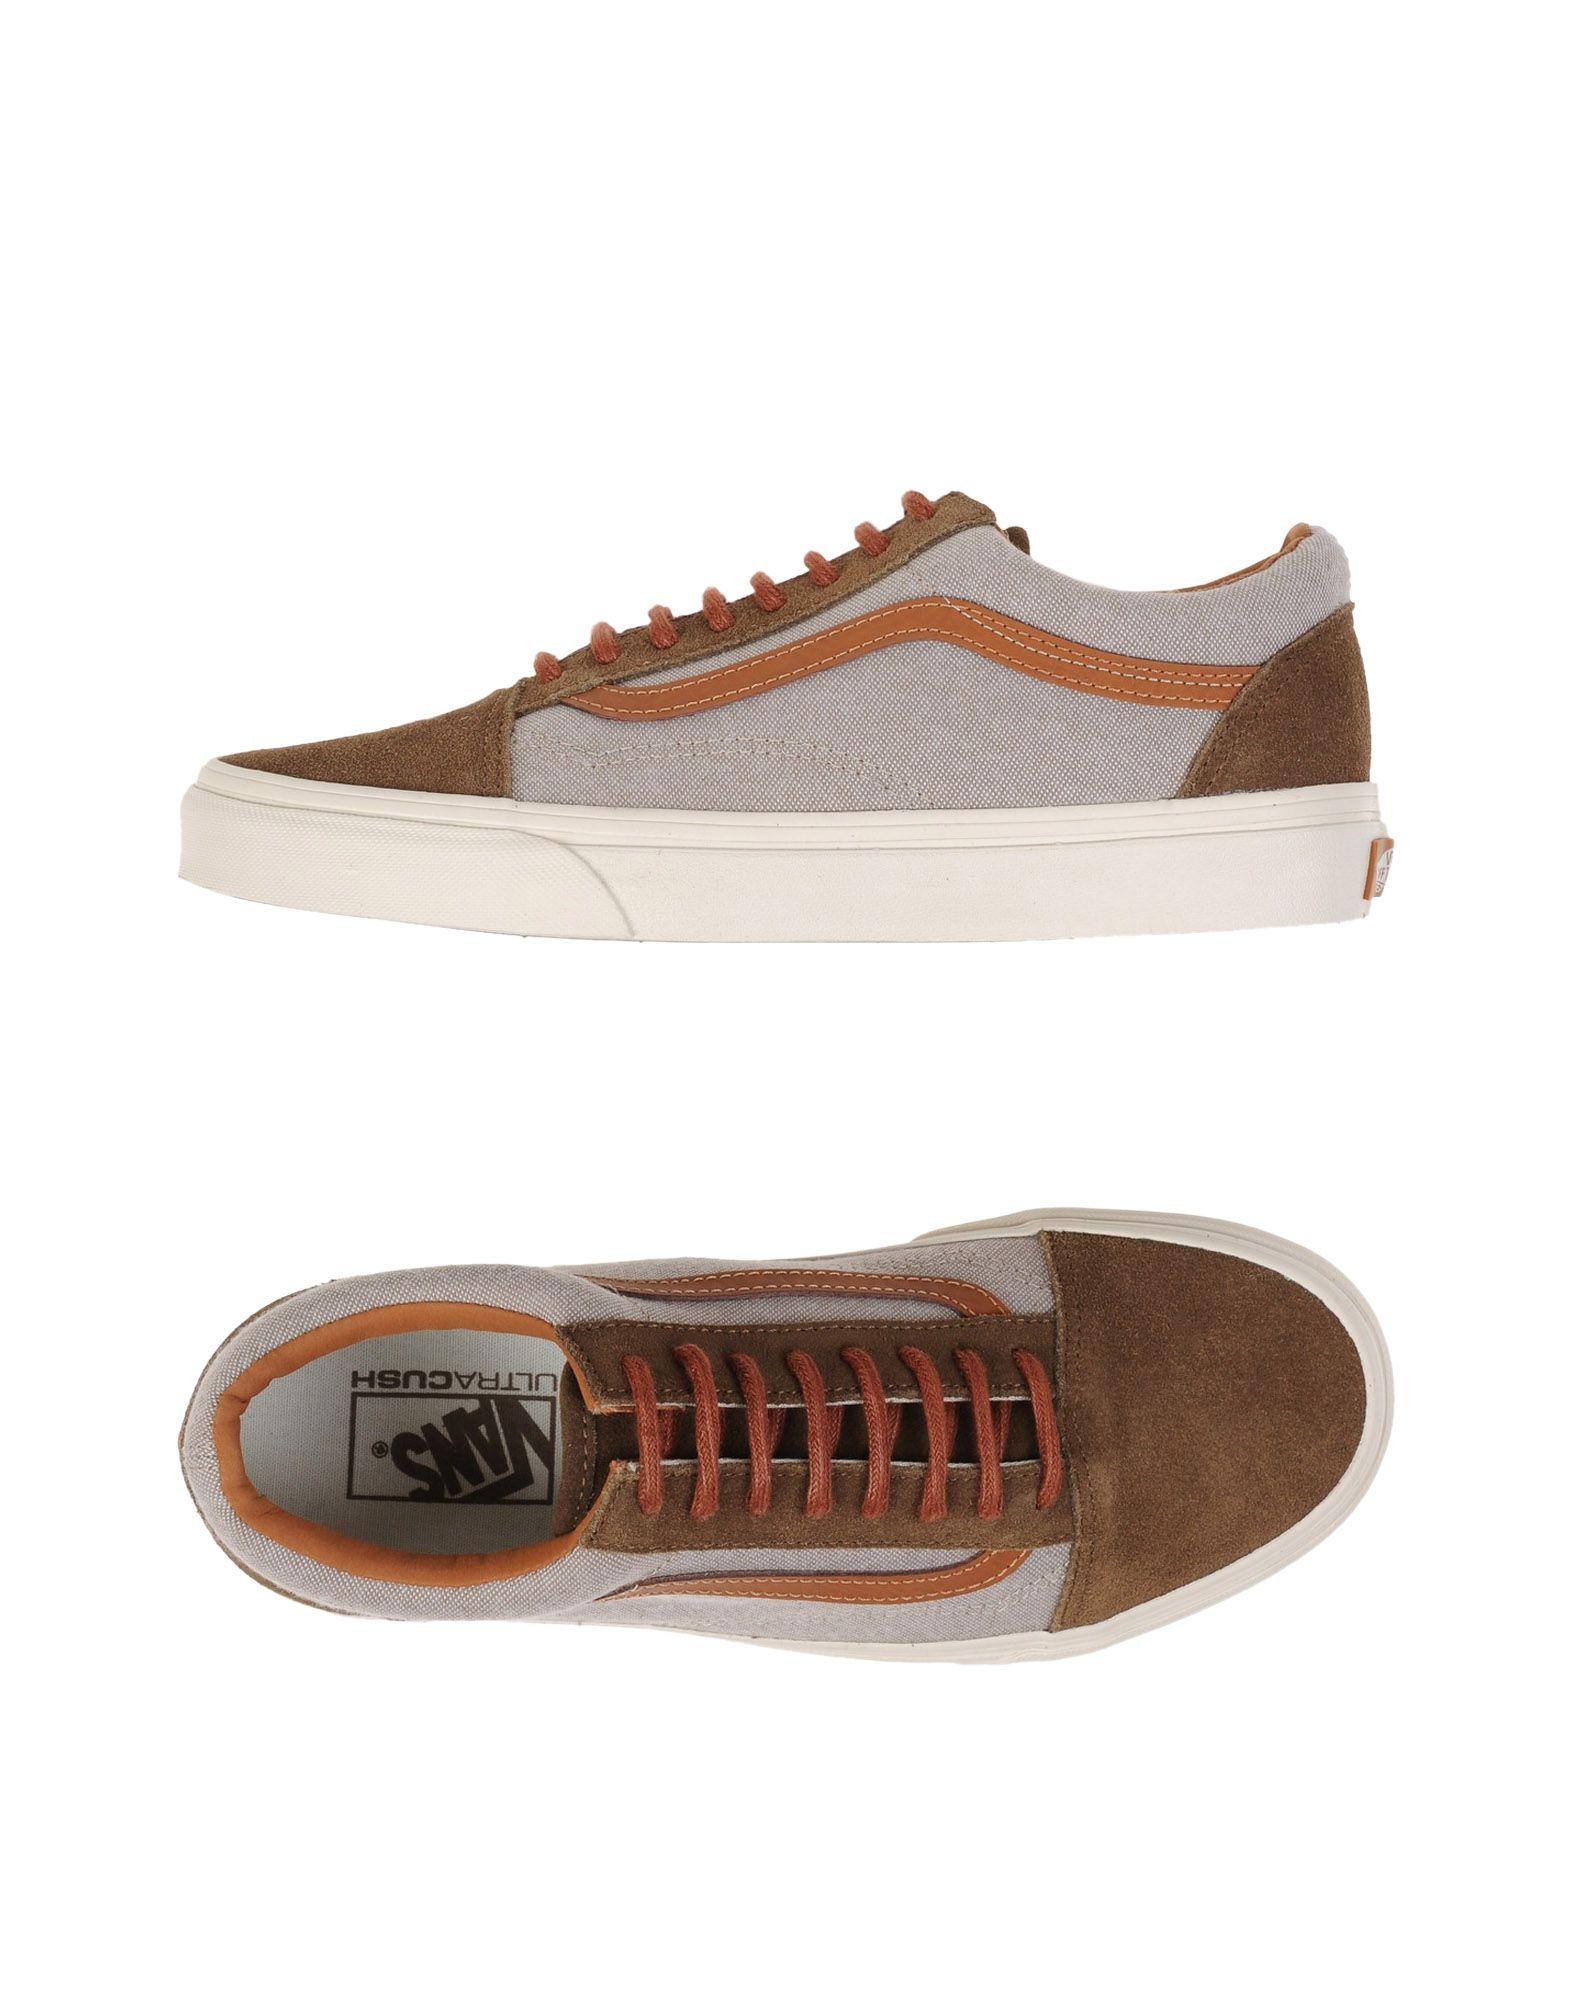 Sneakers Vans - Old Skool Reissue Dx - Vans Uomo - 11108240IB f83673